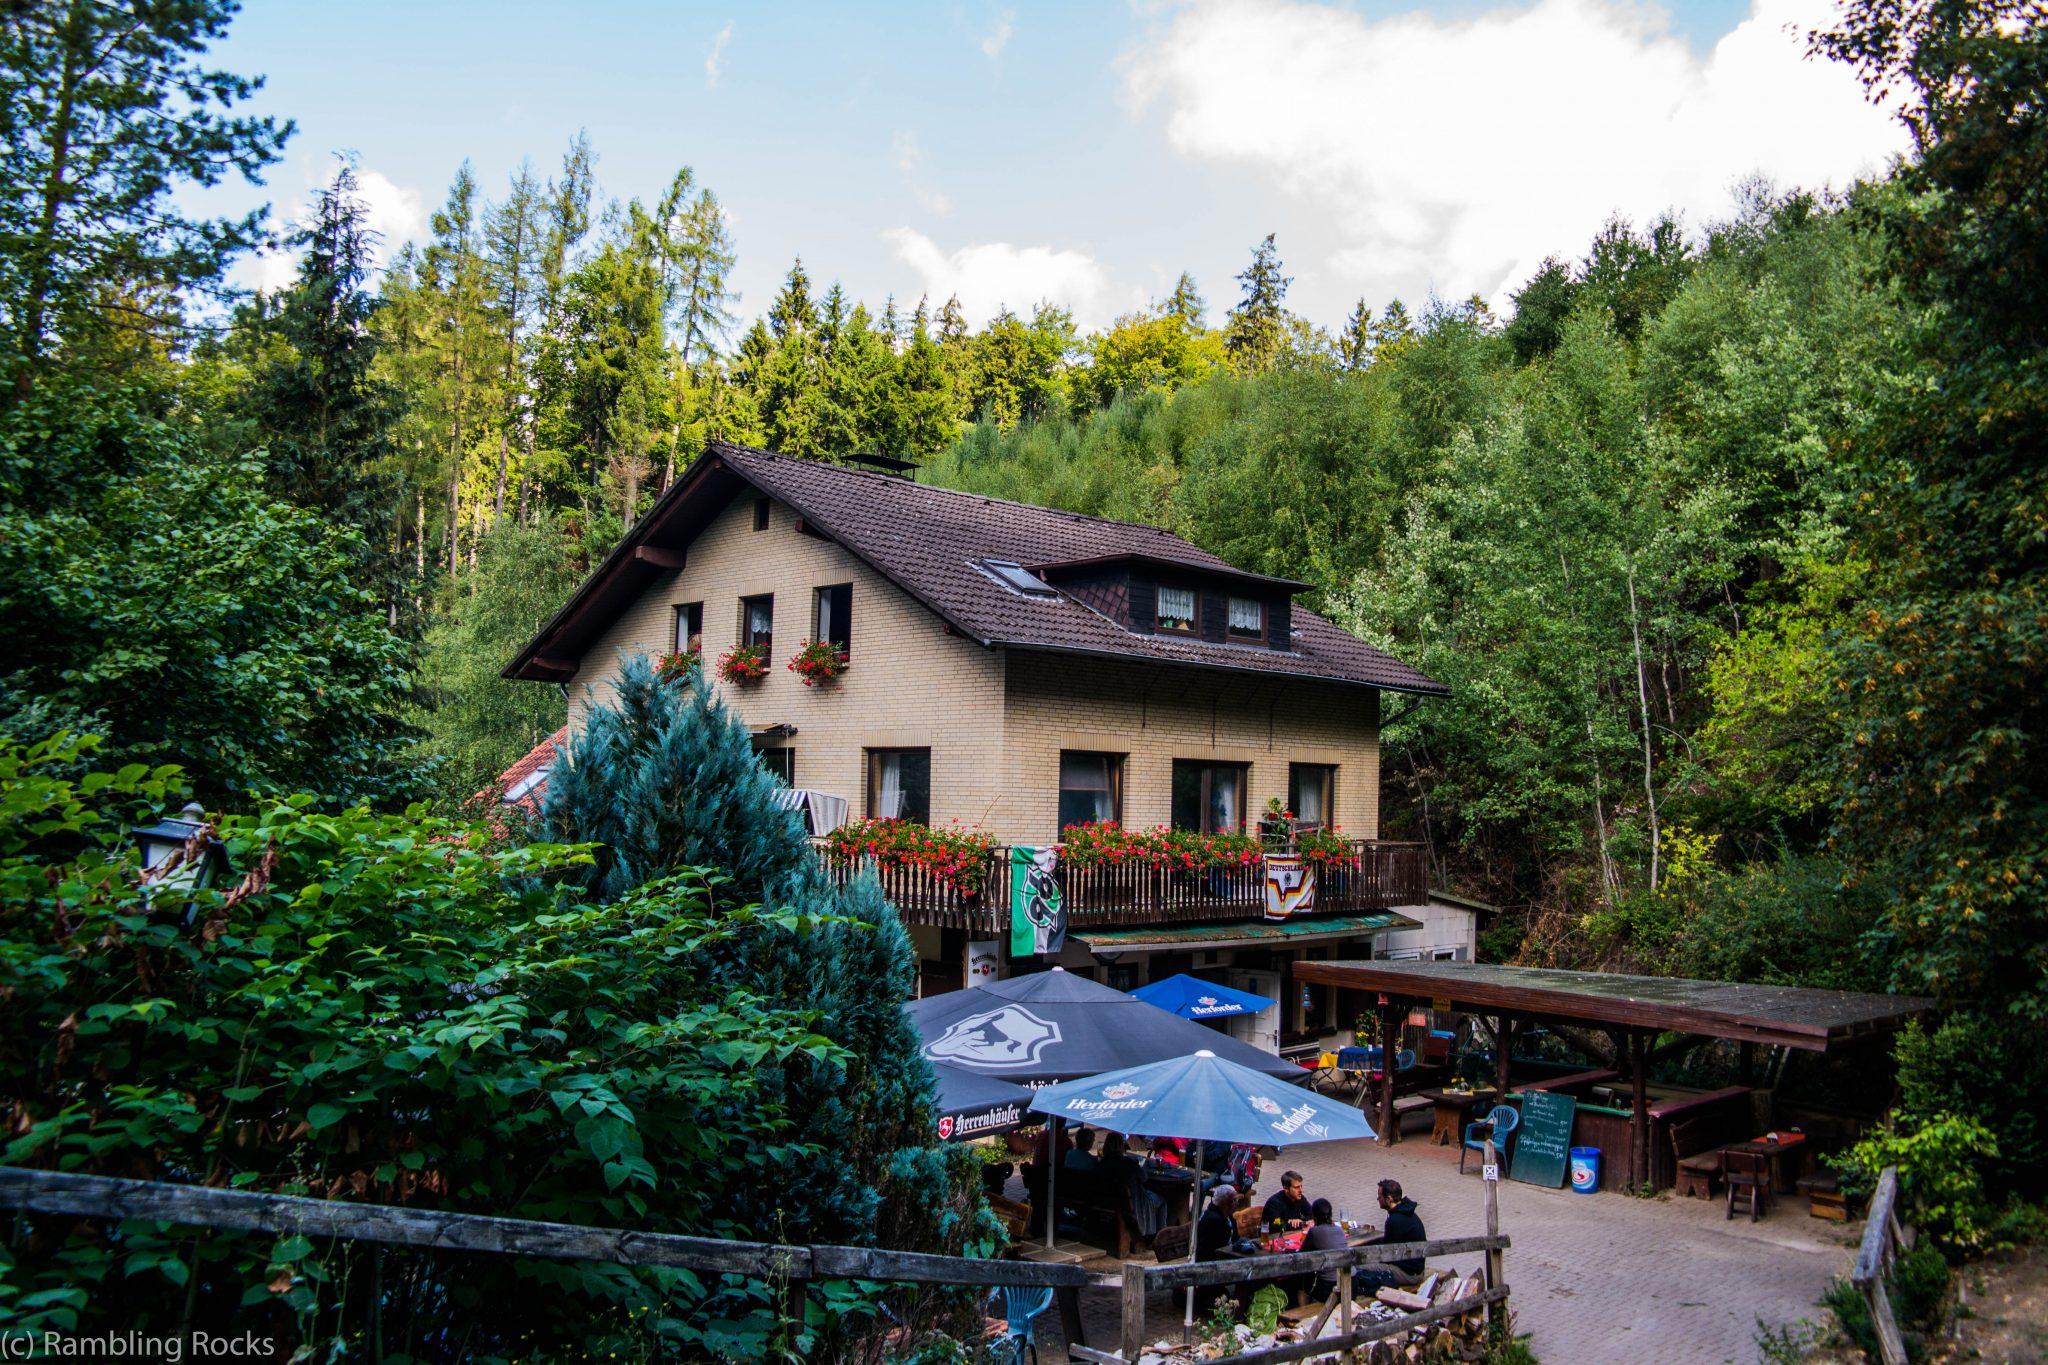 Waldgaststätte Teufelsbrücke